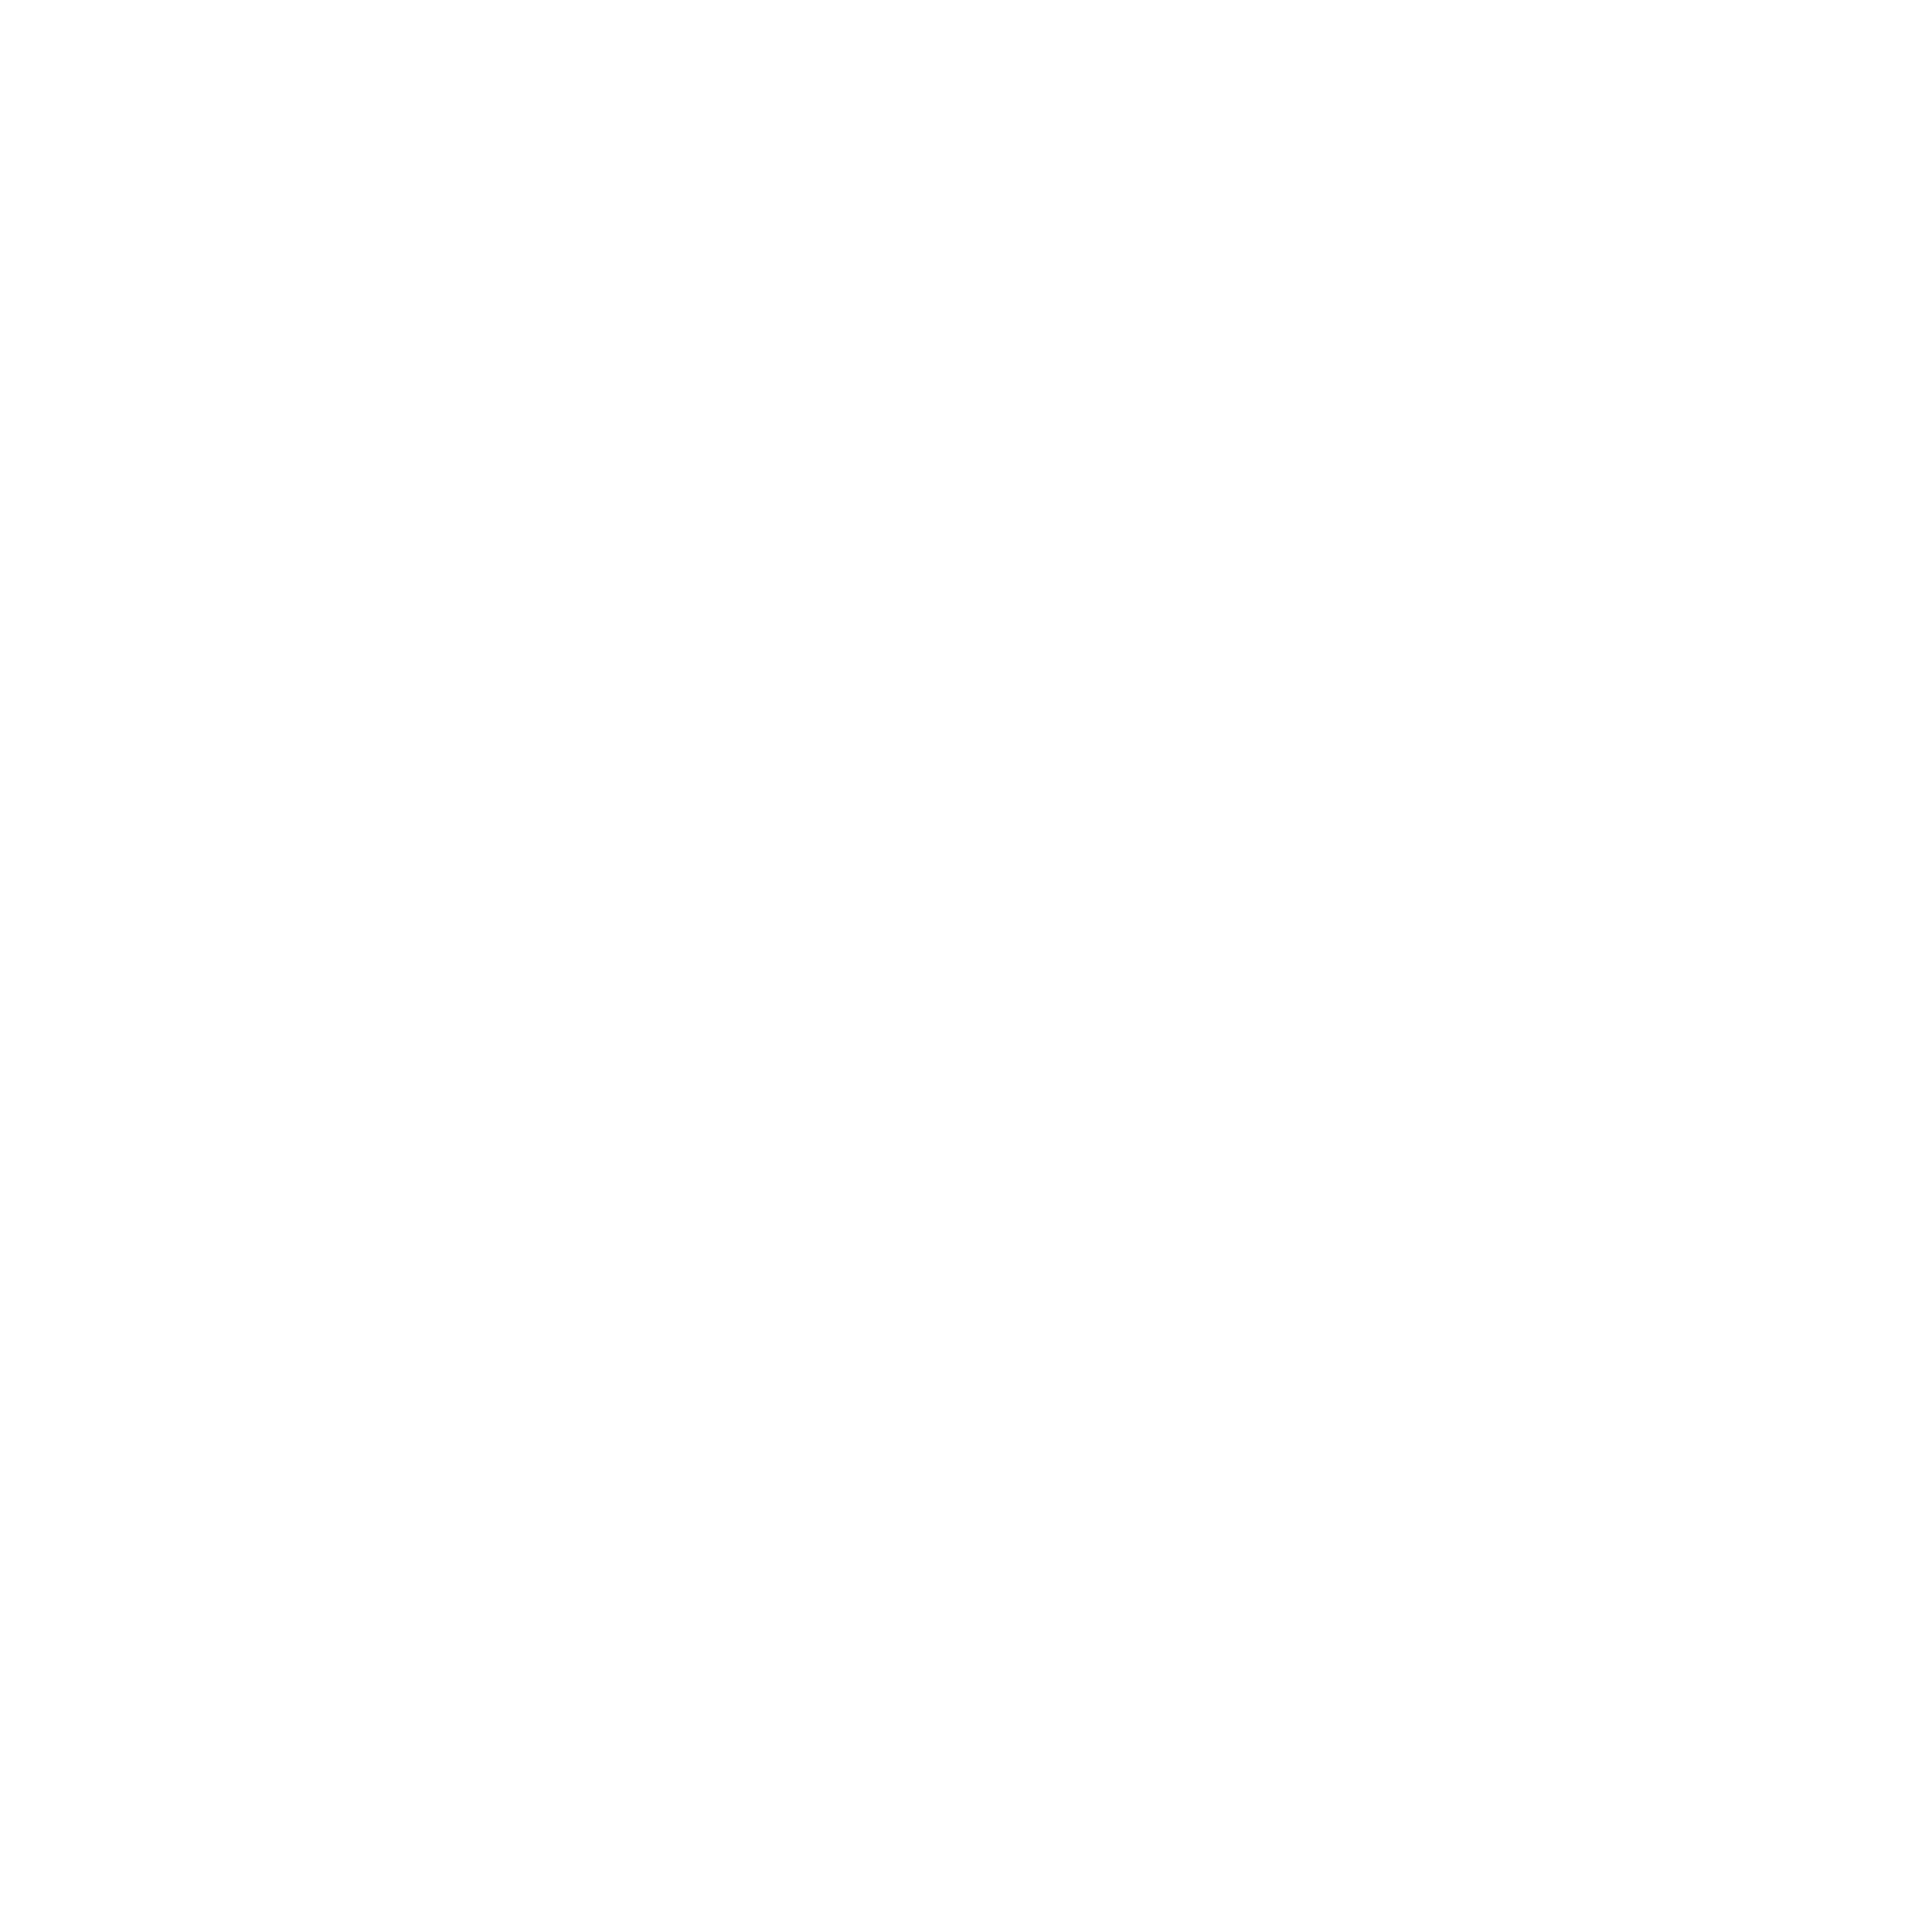 David Blaszkowski